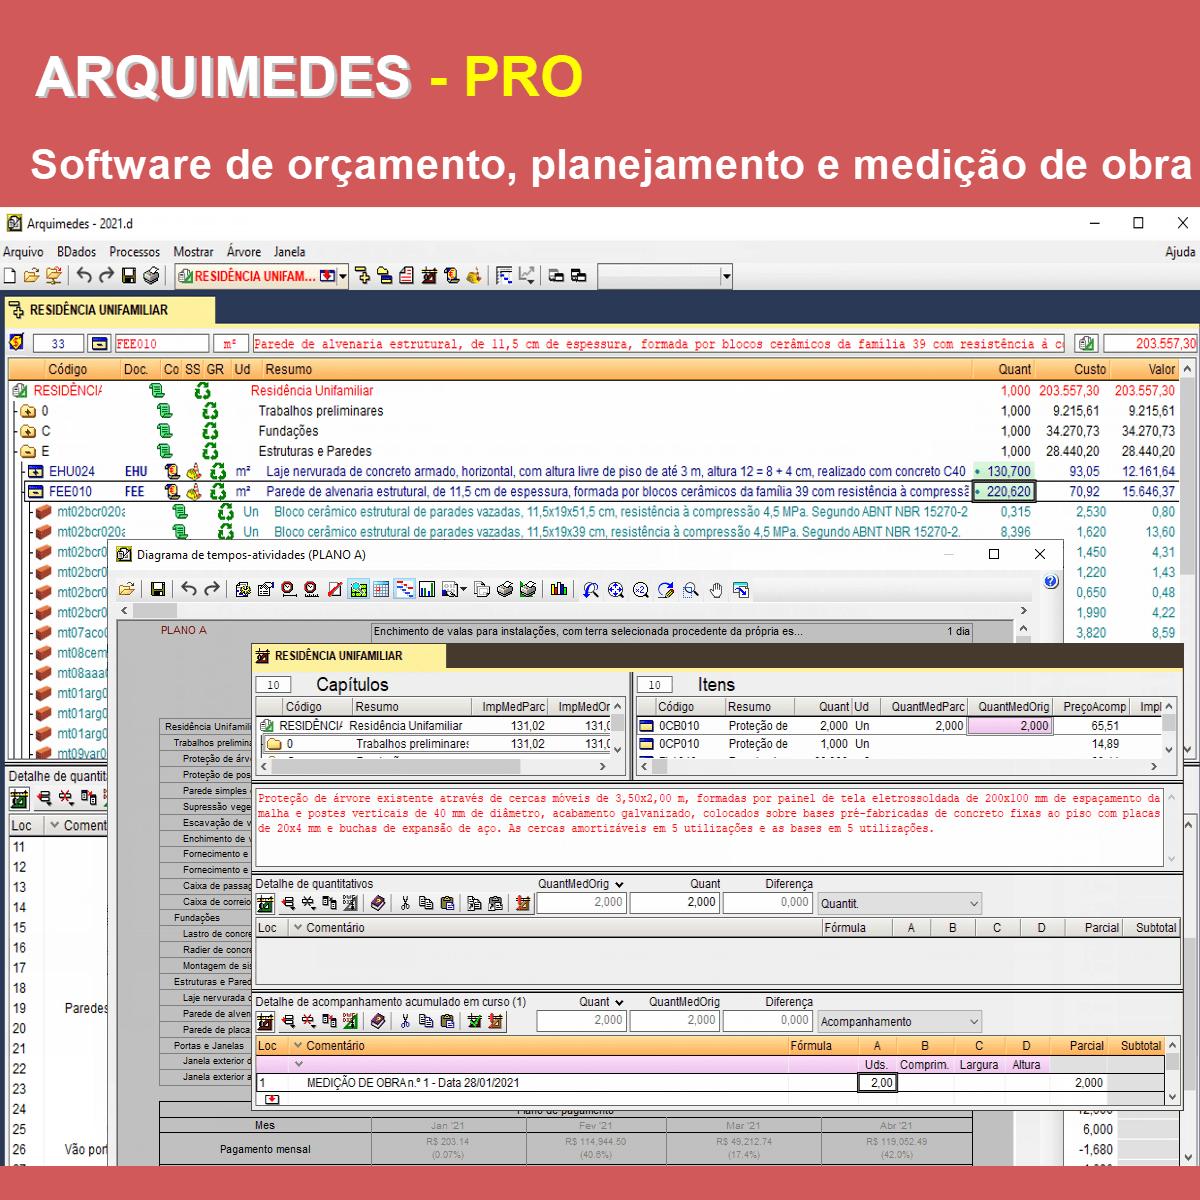 Software Arquimedes pacote PRO versão 2021 (Licença Eletrônica) incluindo Orçamento, Planejamento e Medição de Obras